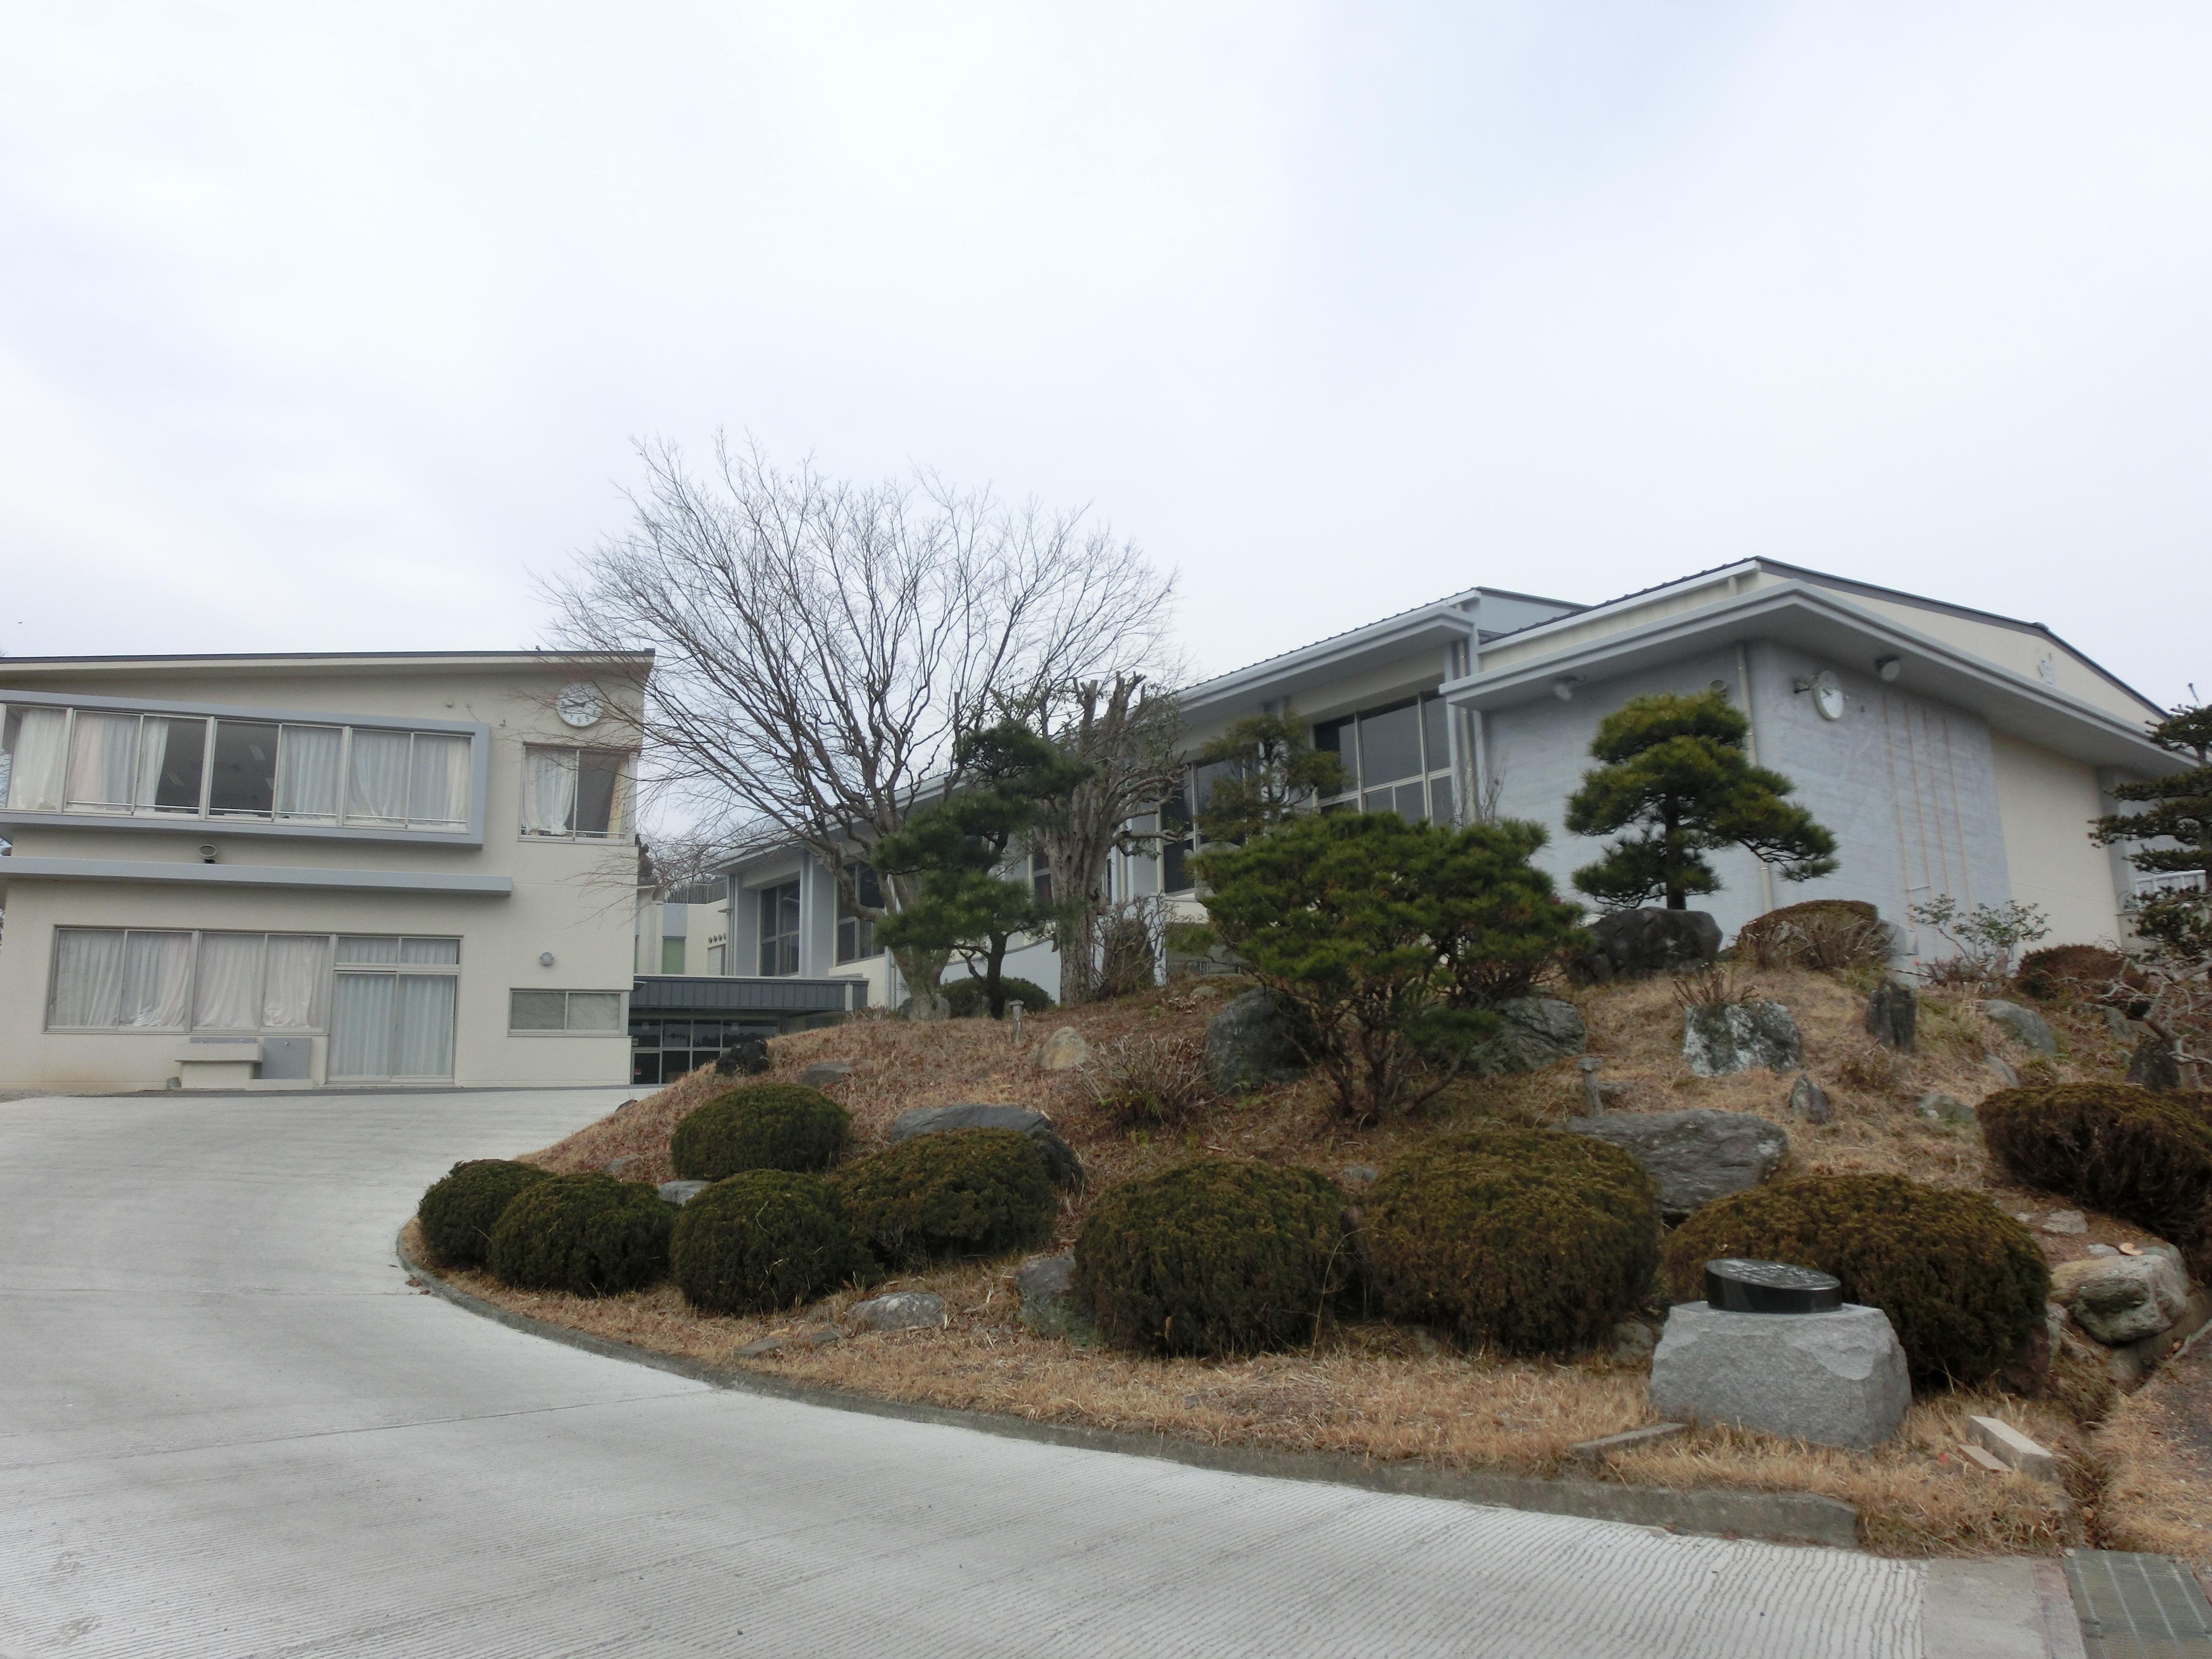 小川町立西中学校 | 和紙のふるさと 小川町